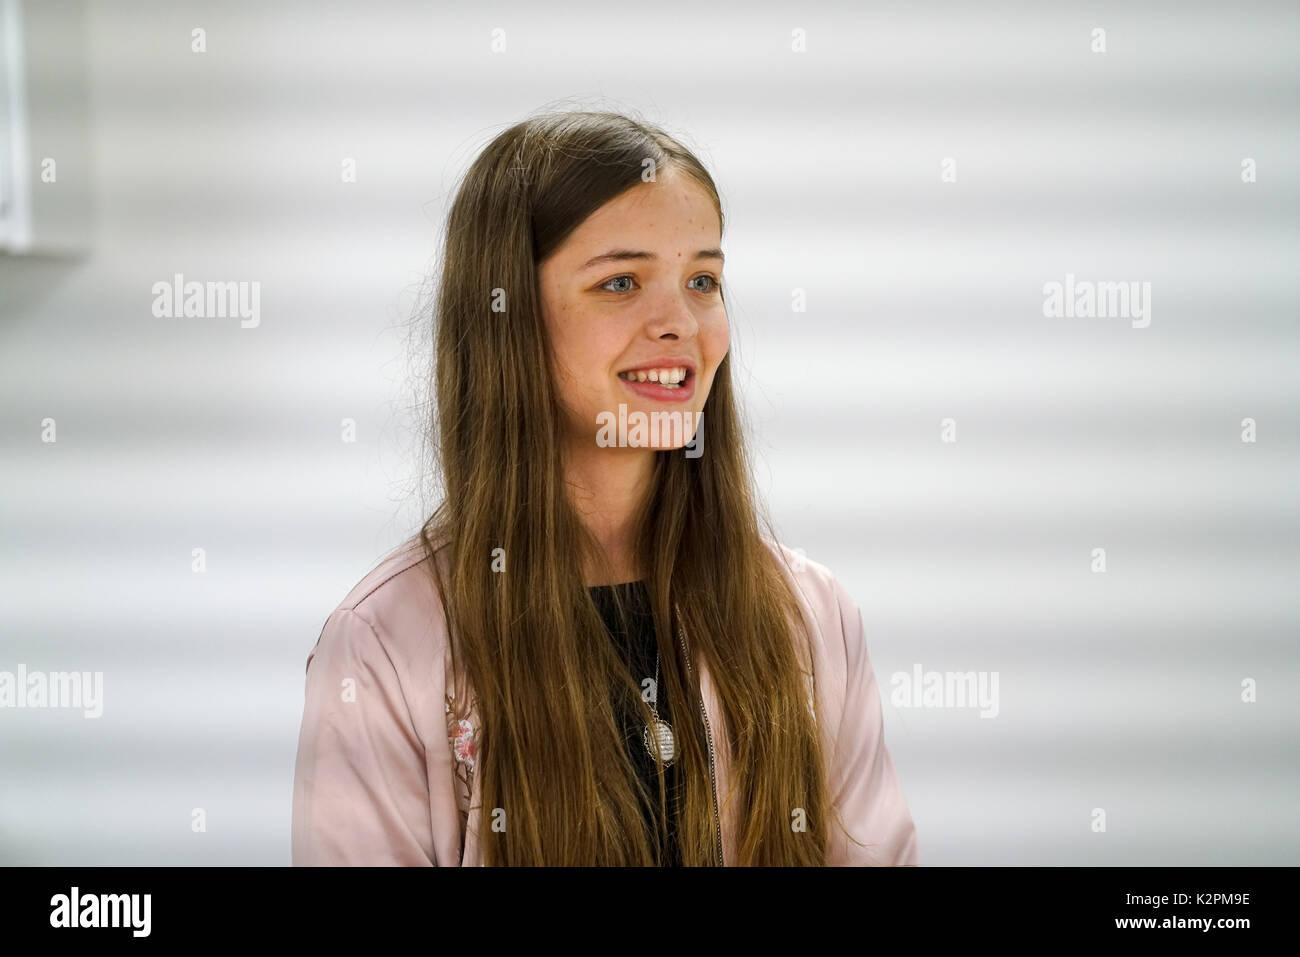 Shaftesbury Avenue, London, England, UK. Août 31, 2017. Josephine Shaw, se préparer à la concurrence à des concerts du maire le parapluie chambres studios de musique avant d'aller tête-à-tête lors de la Grande Finale des concerts pendant le week-end. Credit: Voir Li/Alamy Live News Banque D'Images